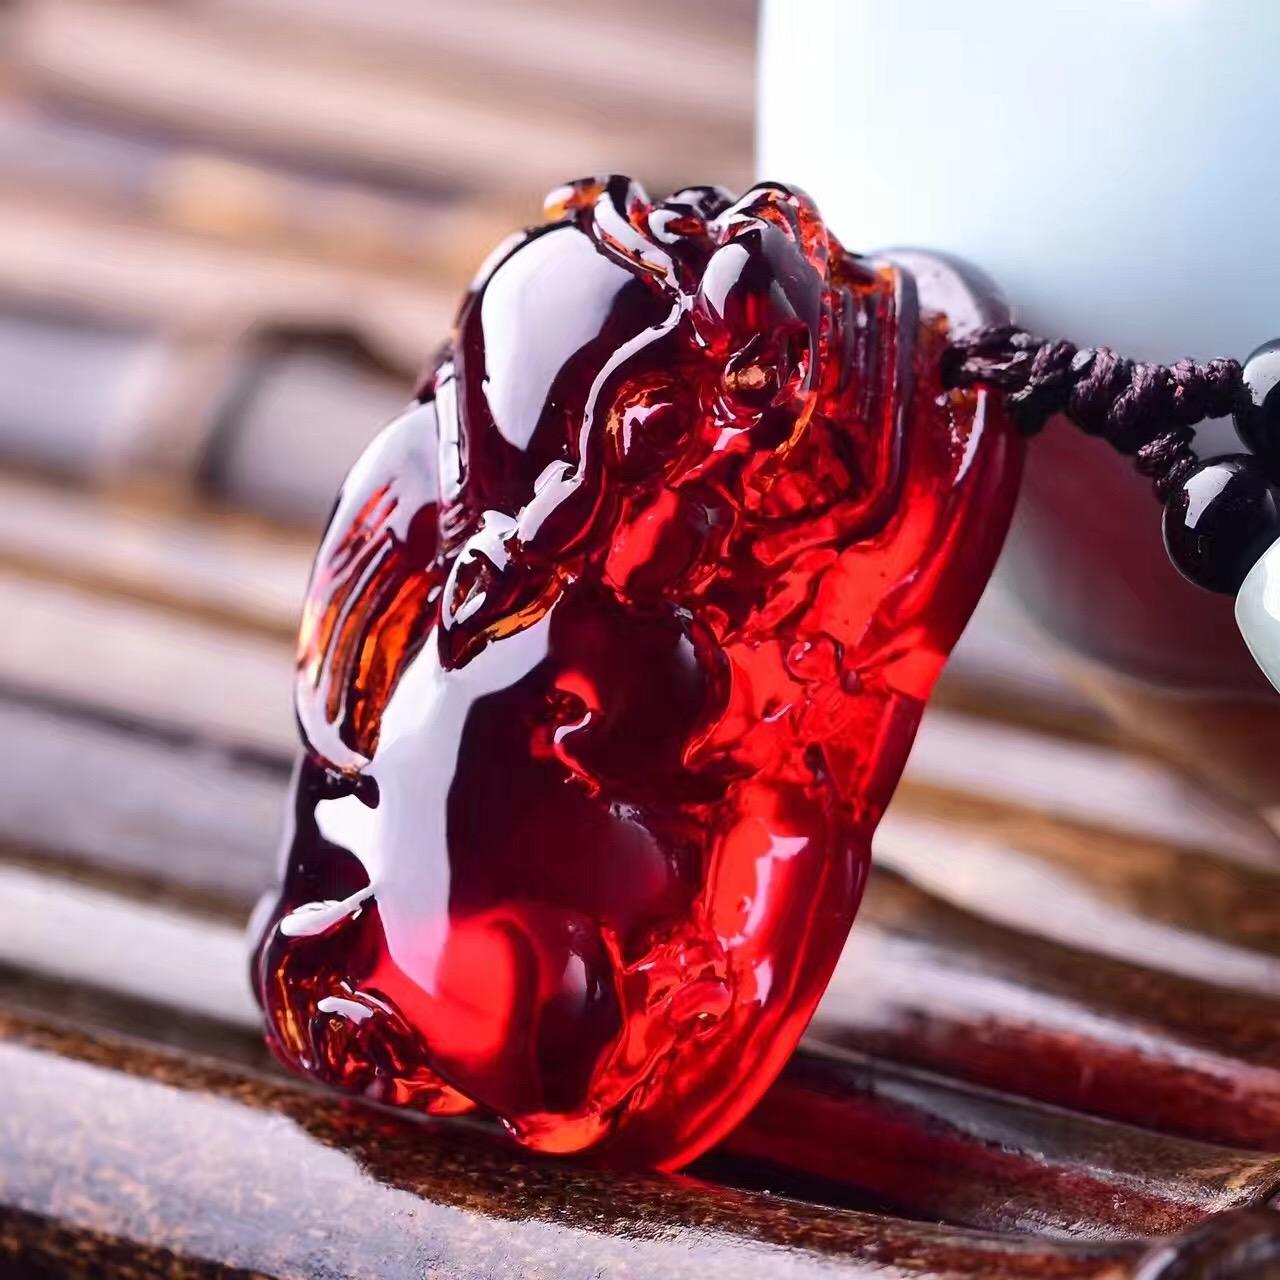 天然精品缅甸琥珀蓝珀血珀貔貅吊坠 蜜蜡原石毛衣链项链男女款